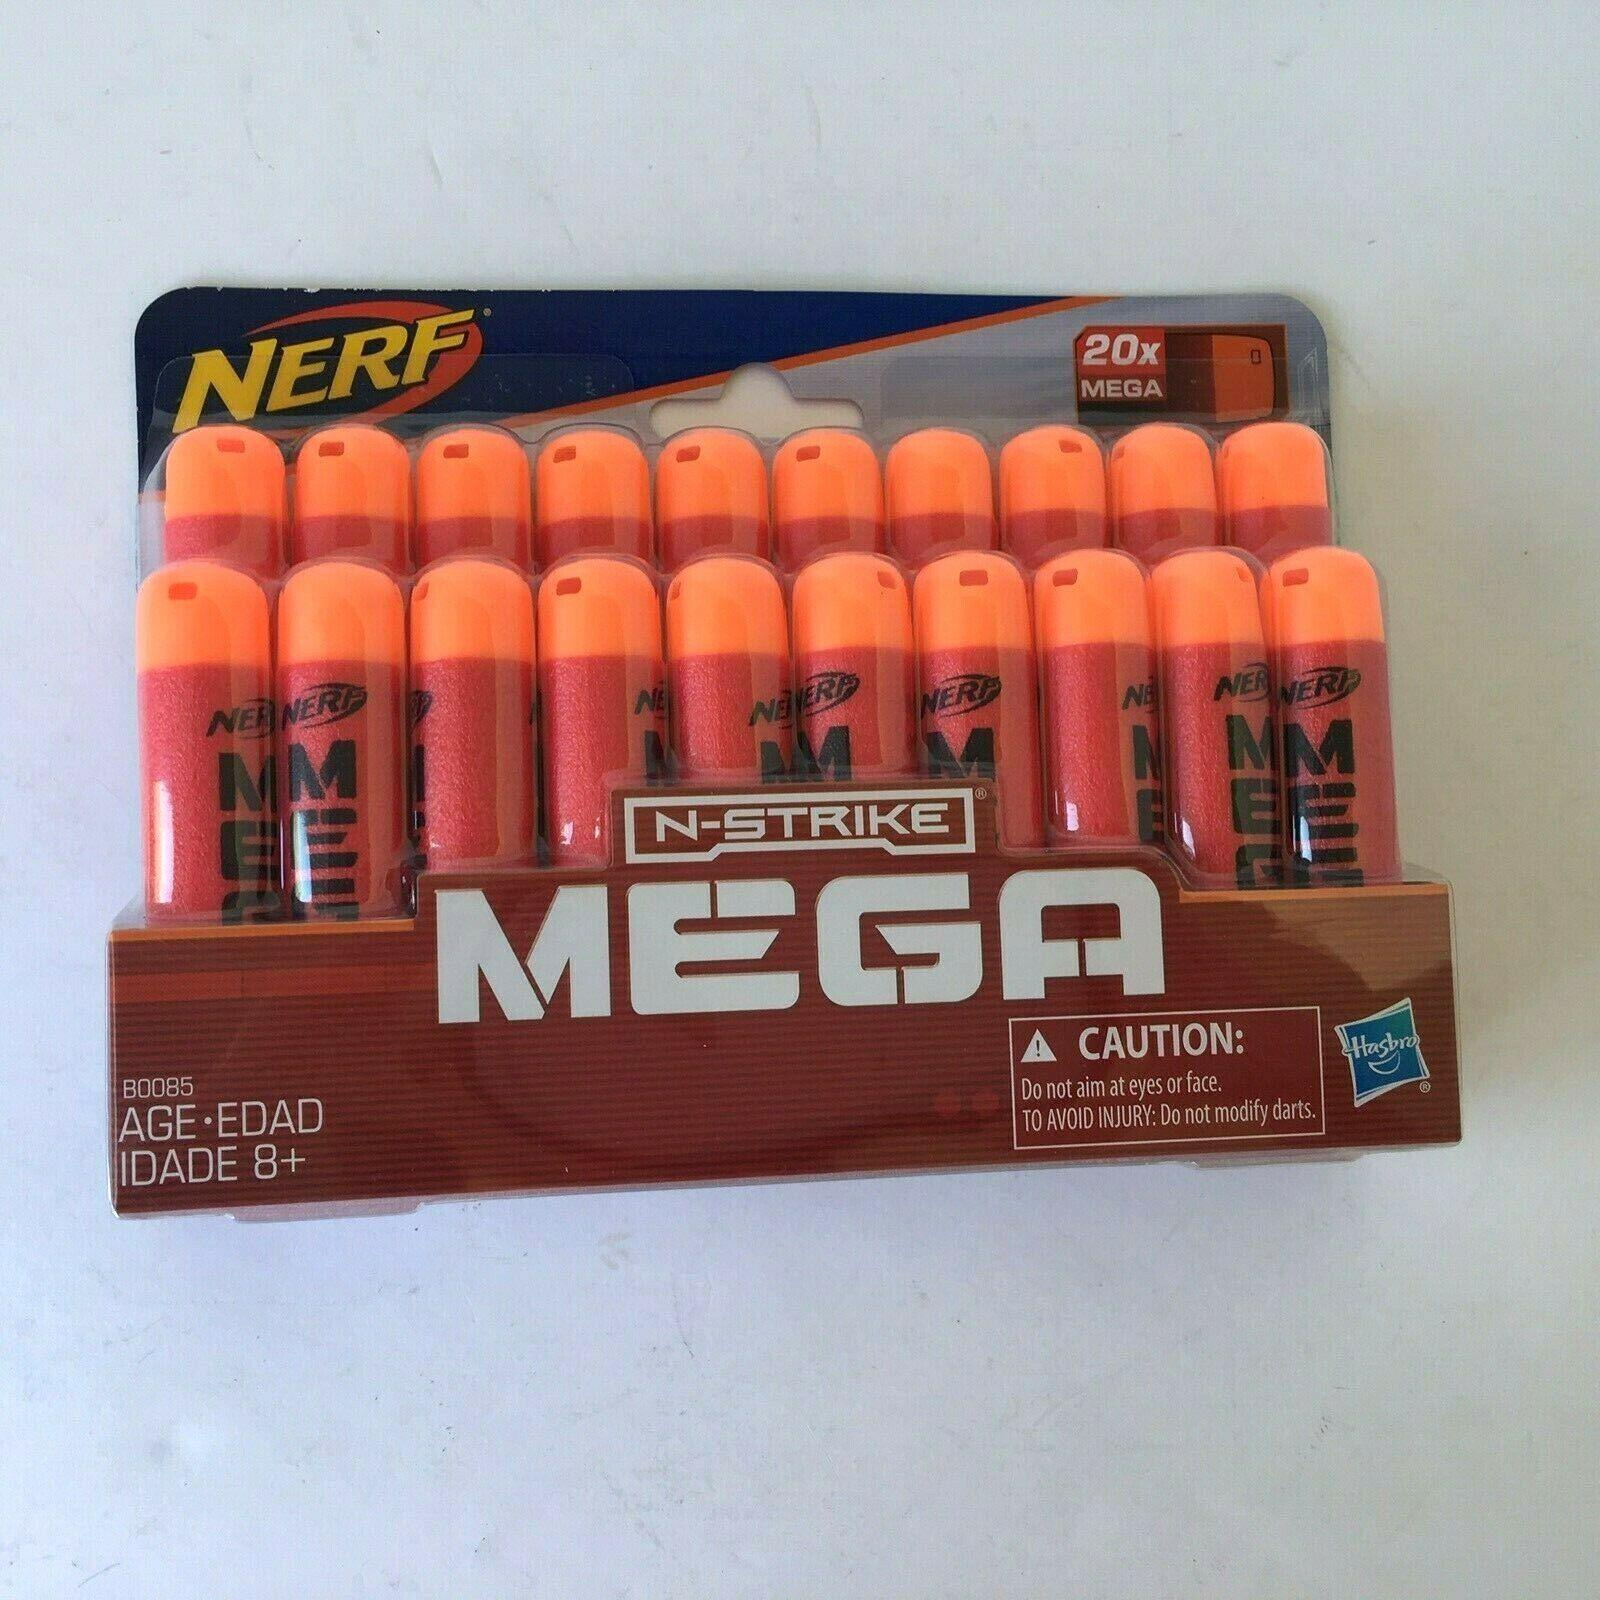 NEW Hasbro NERF N-Strike Mega Dart Refill Pack - 20 Count